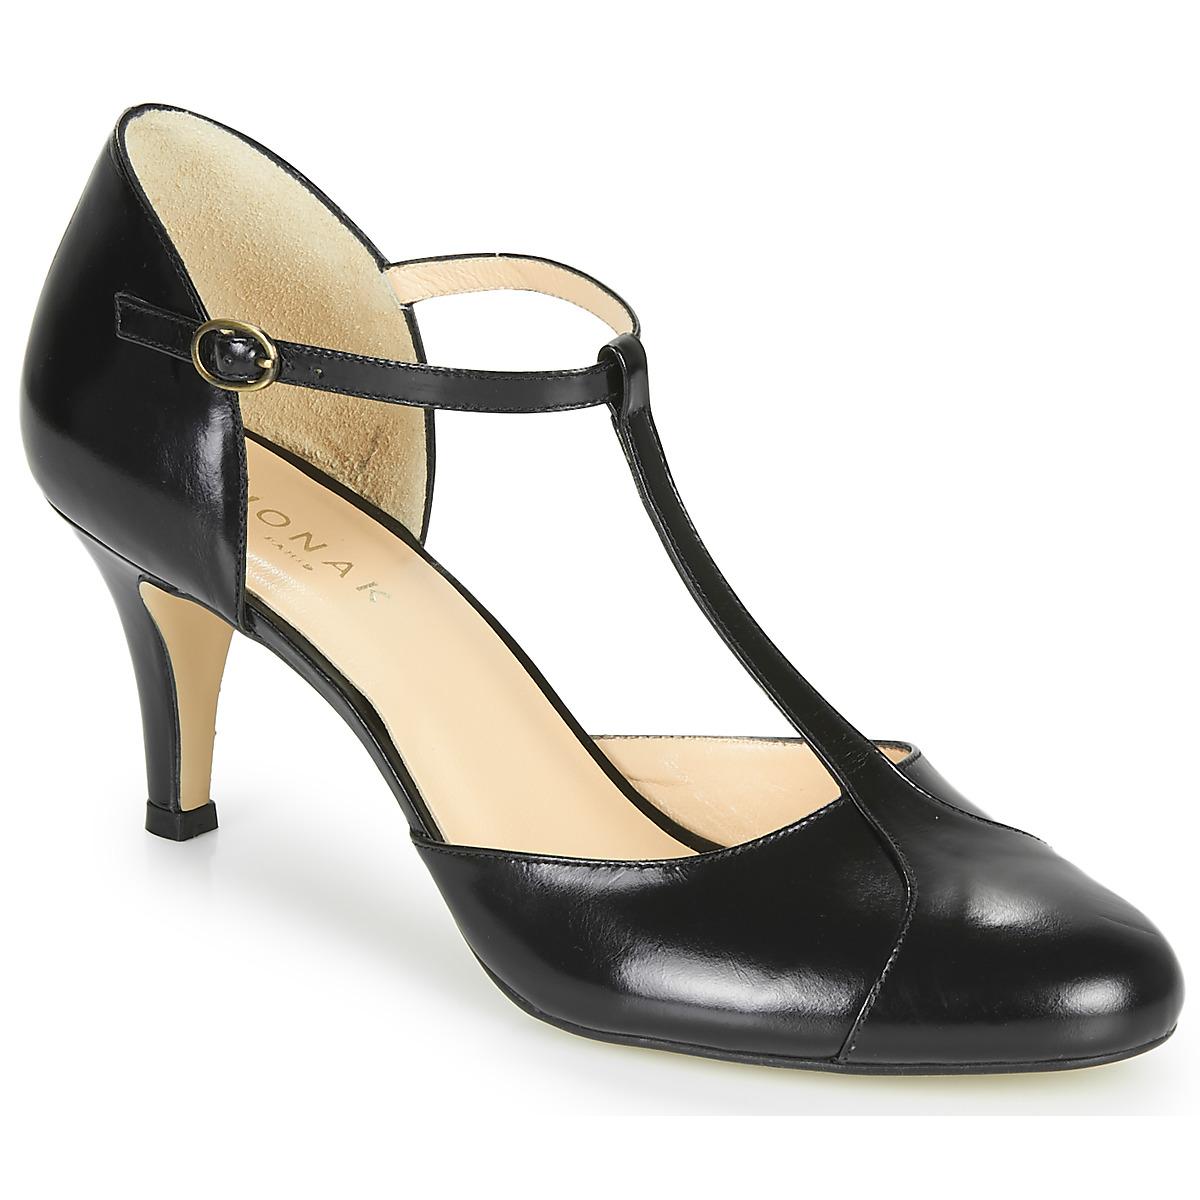 Allez sur Floryday pour commander des Escarpins Chaussures tendance pour femme à prix abordable. Floryday offre les dernières collections de Escarpins Chaussures féminines pour toutes les occasions.